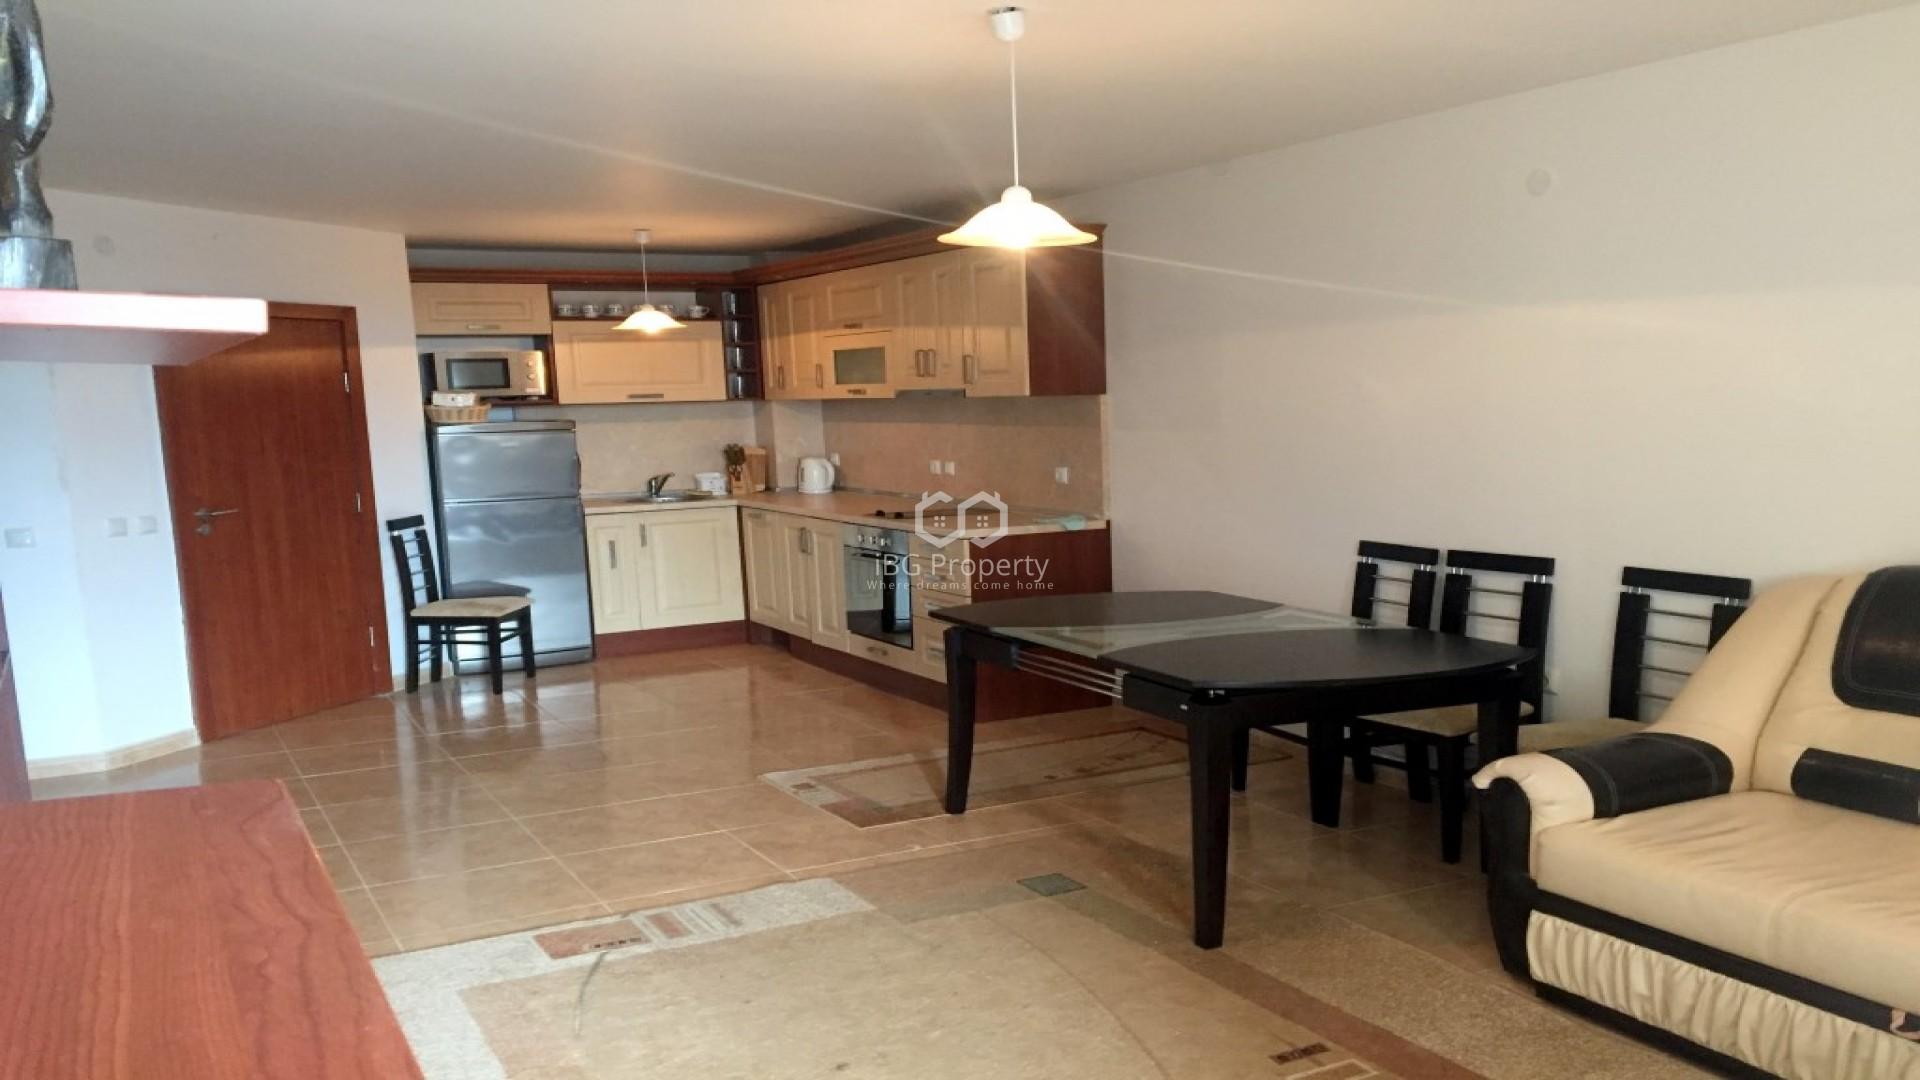 Tристаен апартамент Свети Влас  68 m2